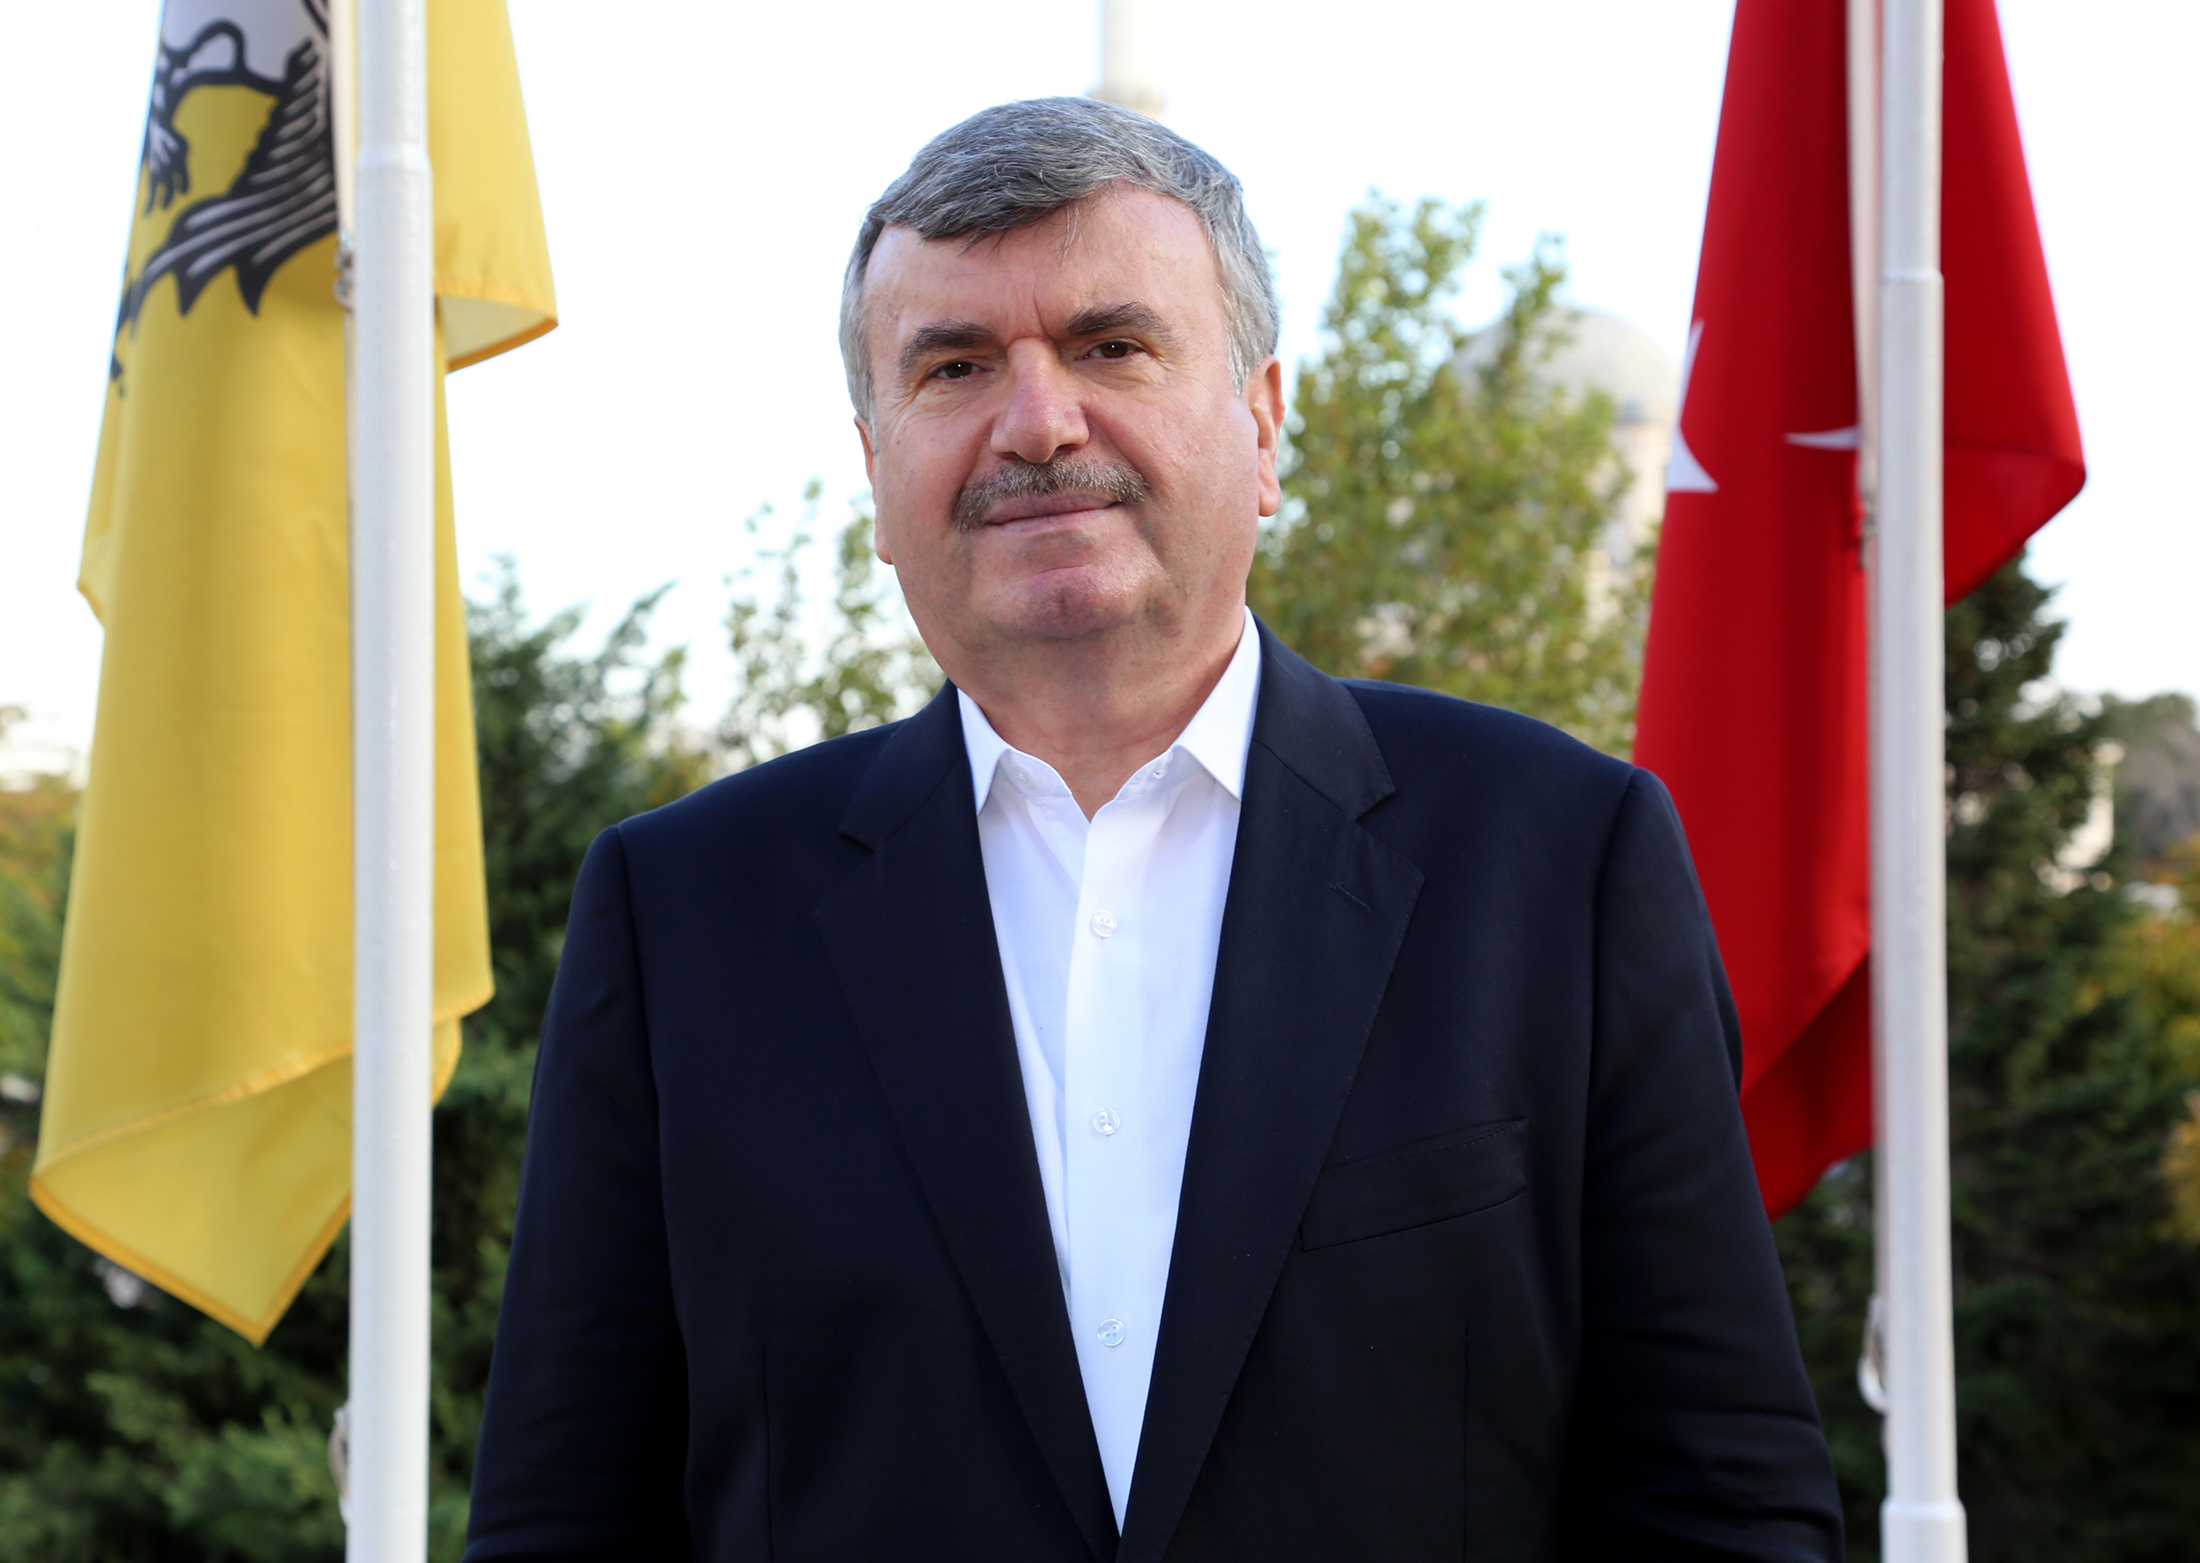 Büyükşehir'den Konya tarihine iz bırakacak kamulaştırma